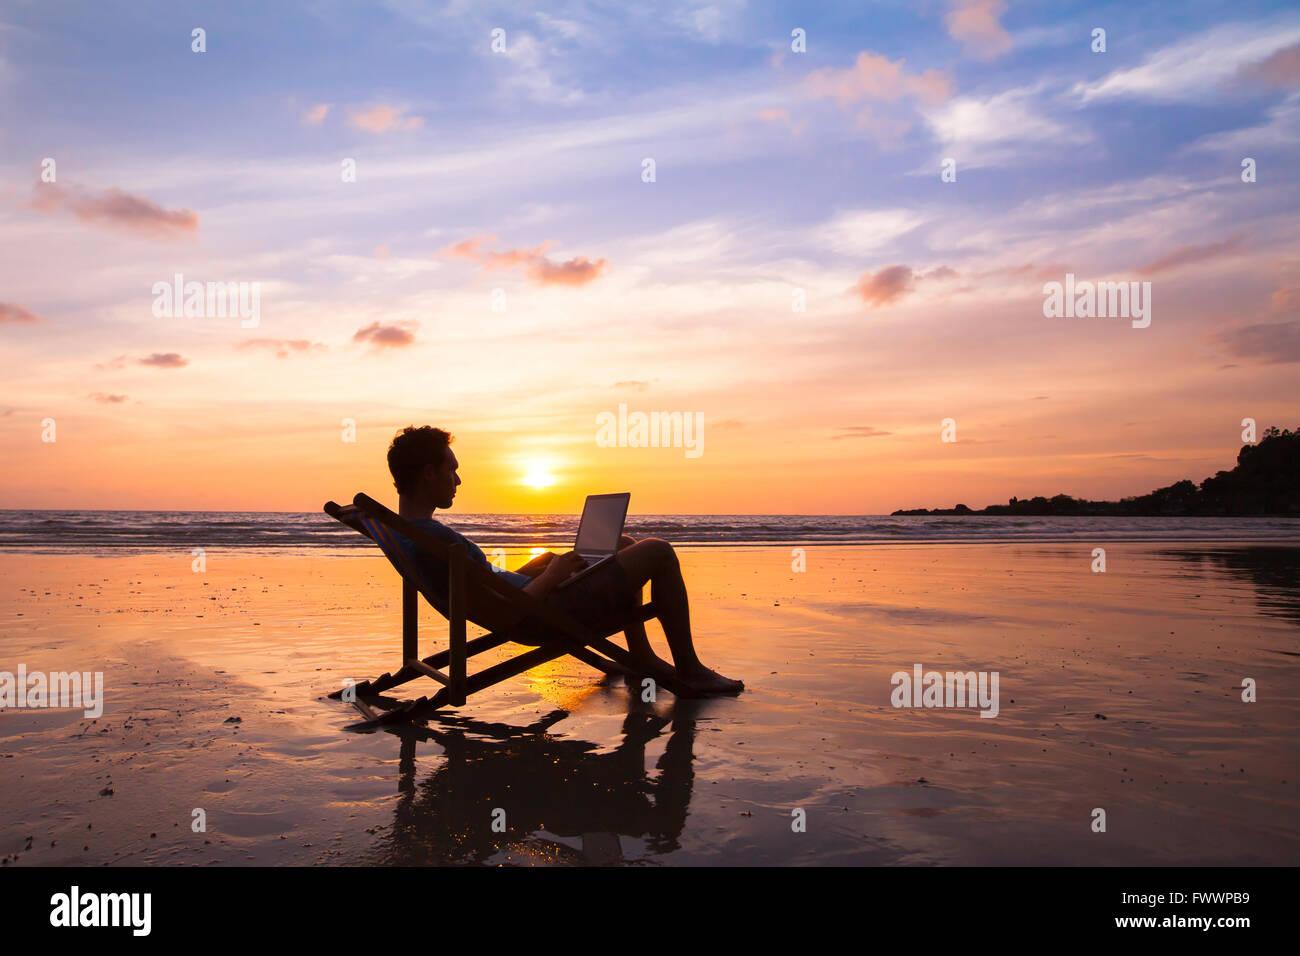 Silhouette des glücklichen Geschäftsmann mit Laptop arbeiten am Strand Stockbild